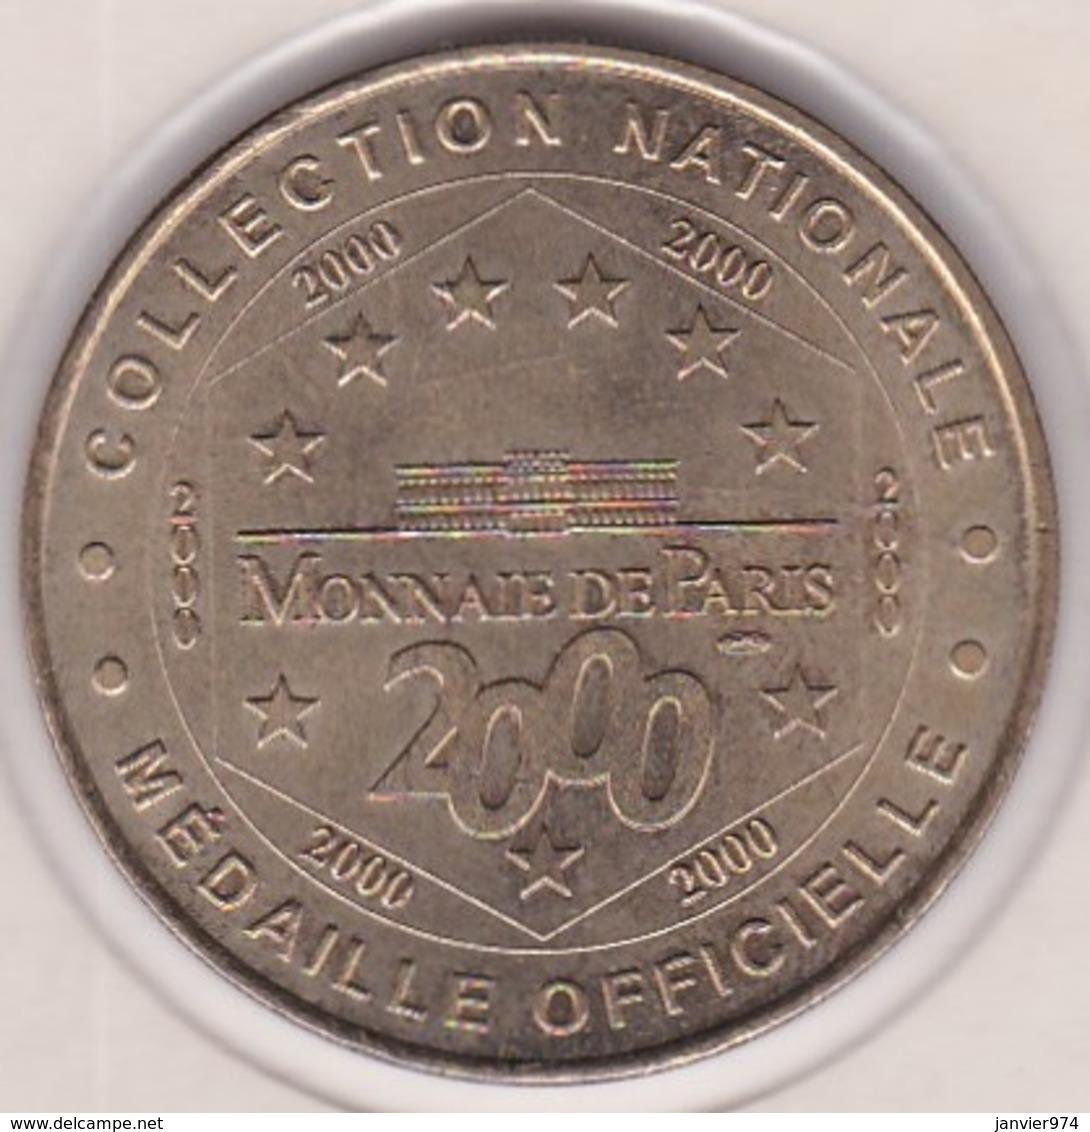 86. Vienne.  Futuroscope. Parc Européen De L'image 2000. Monnaie De Paris - 2000